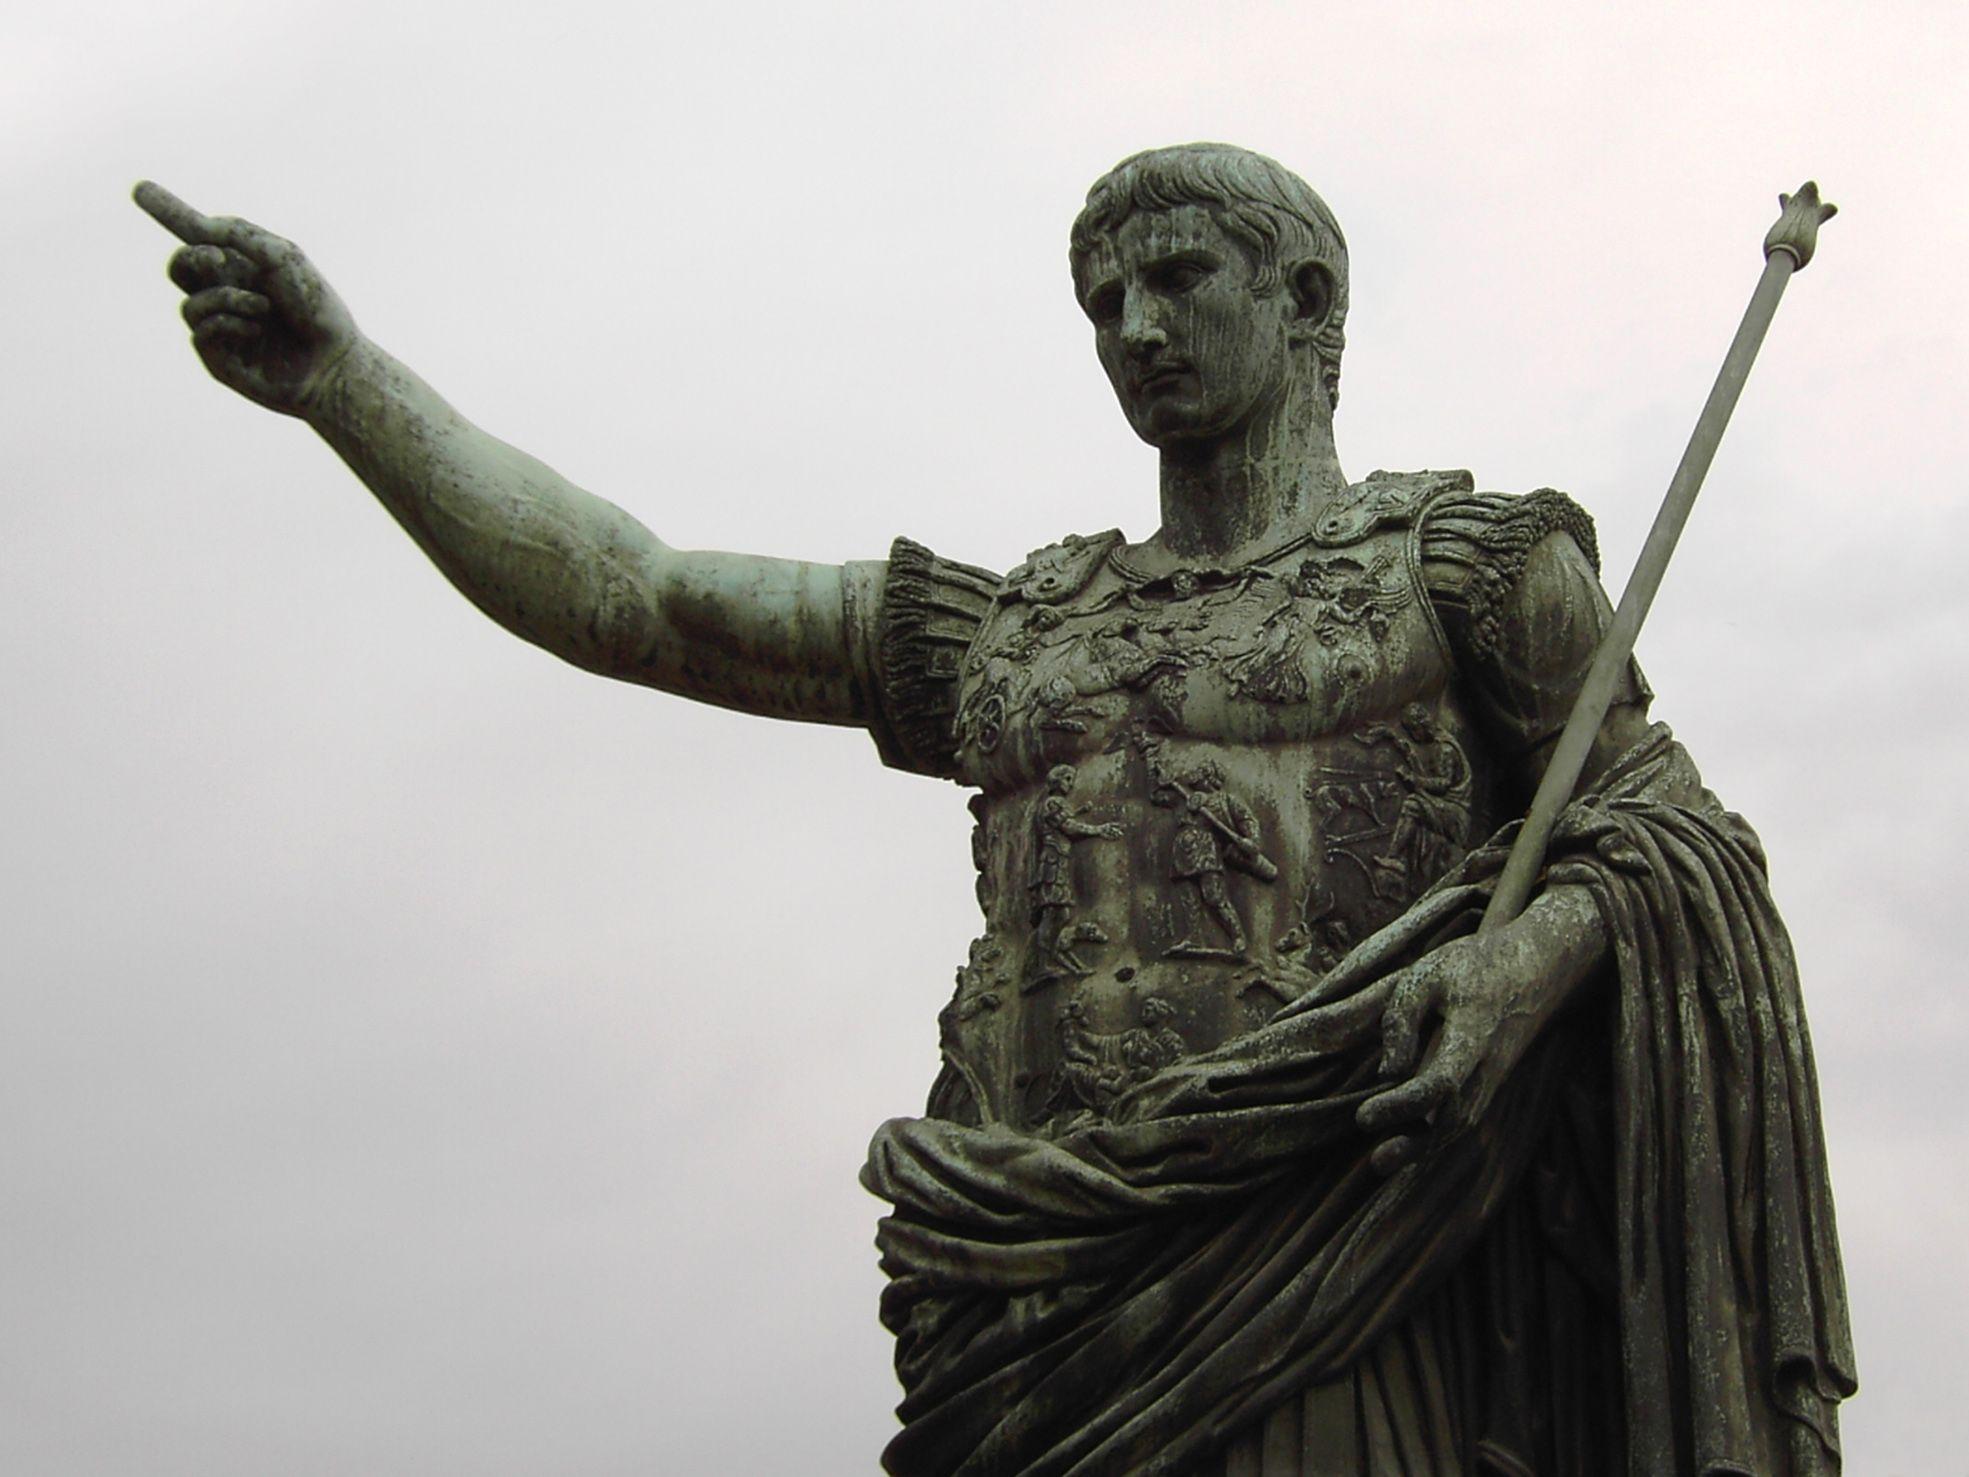 Perché si dice 'alle calende greche'?